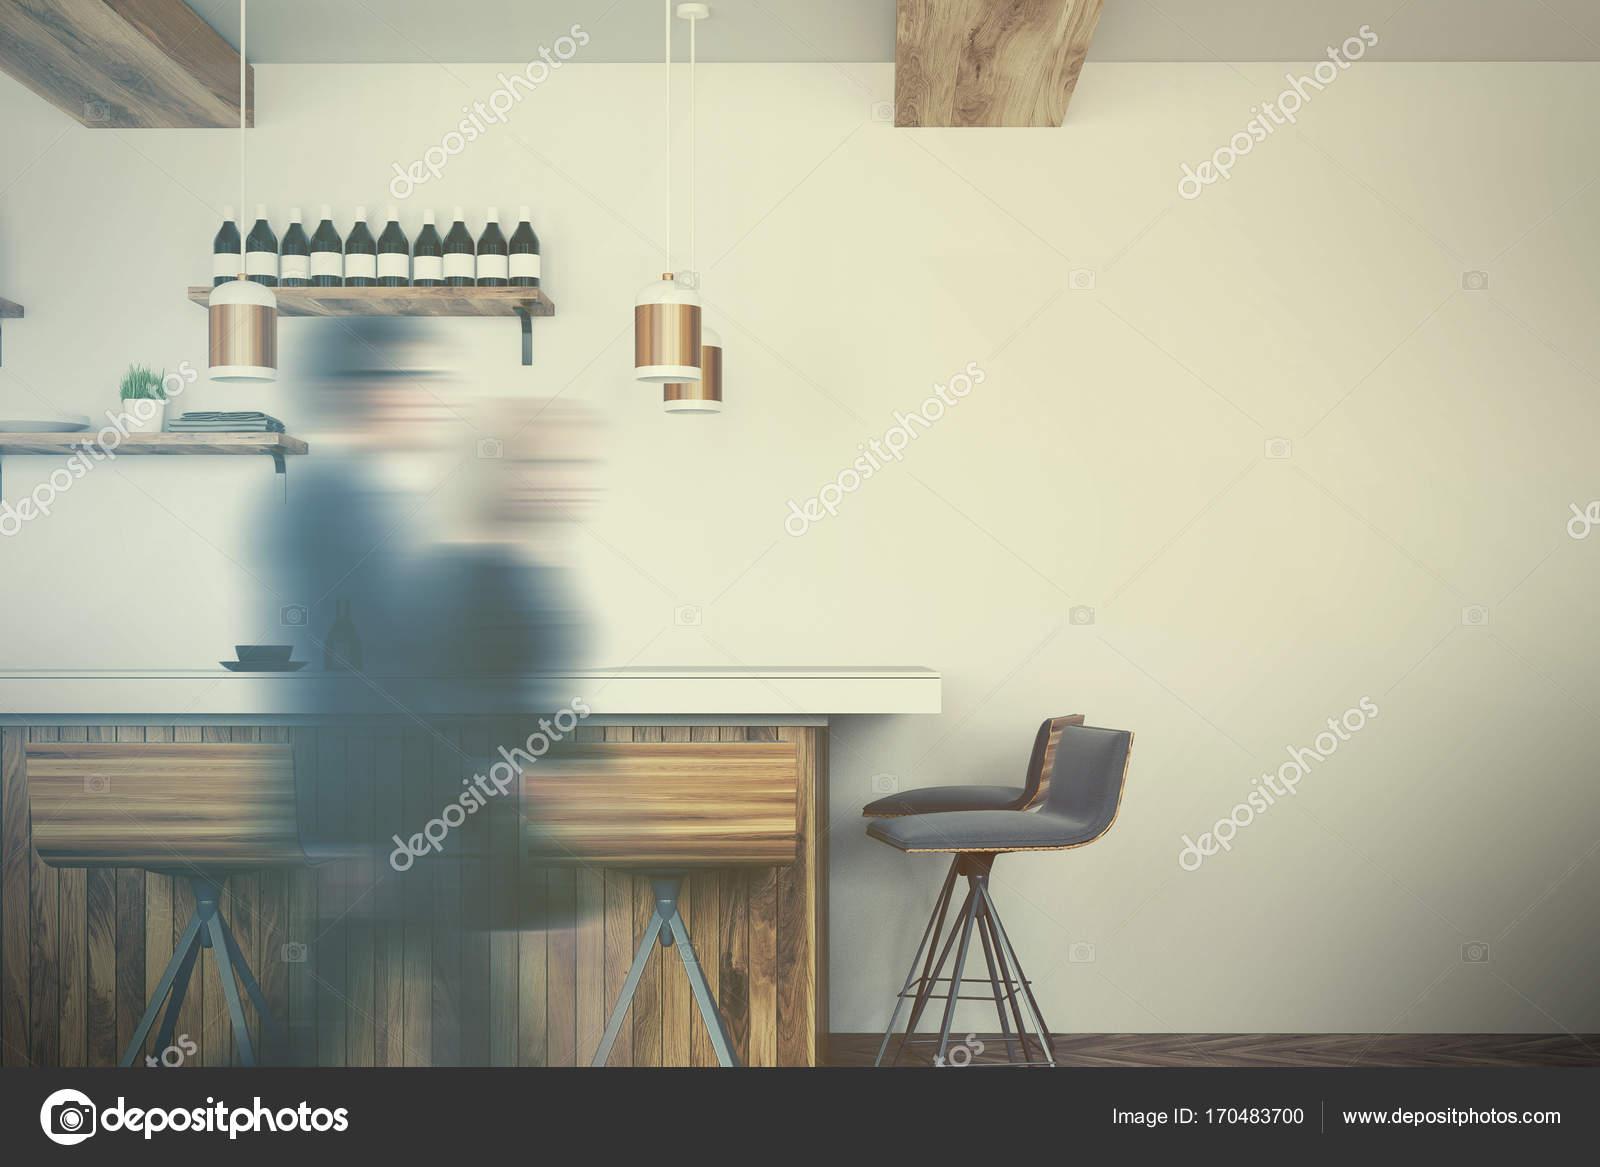 Bar in legno stand con sgabelli tonica u2014 foto stock © denisismagilov